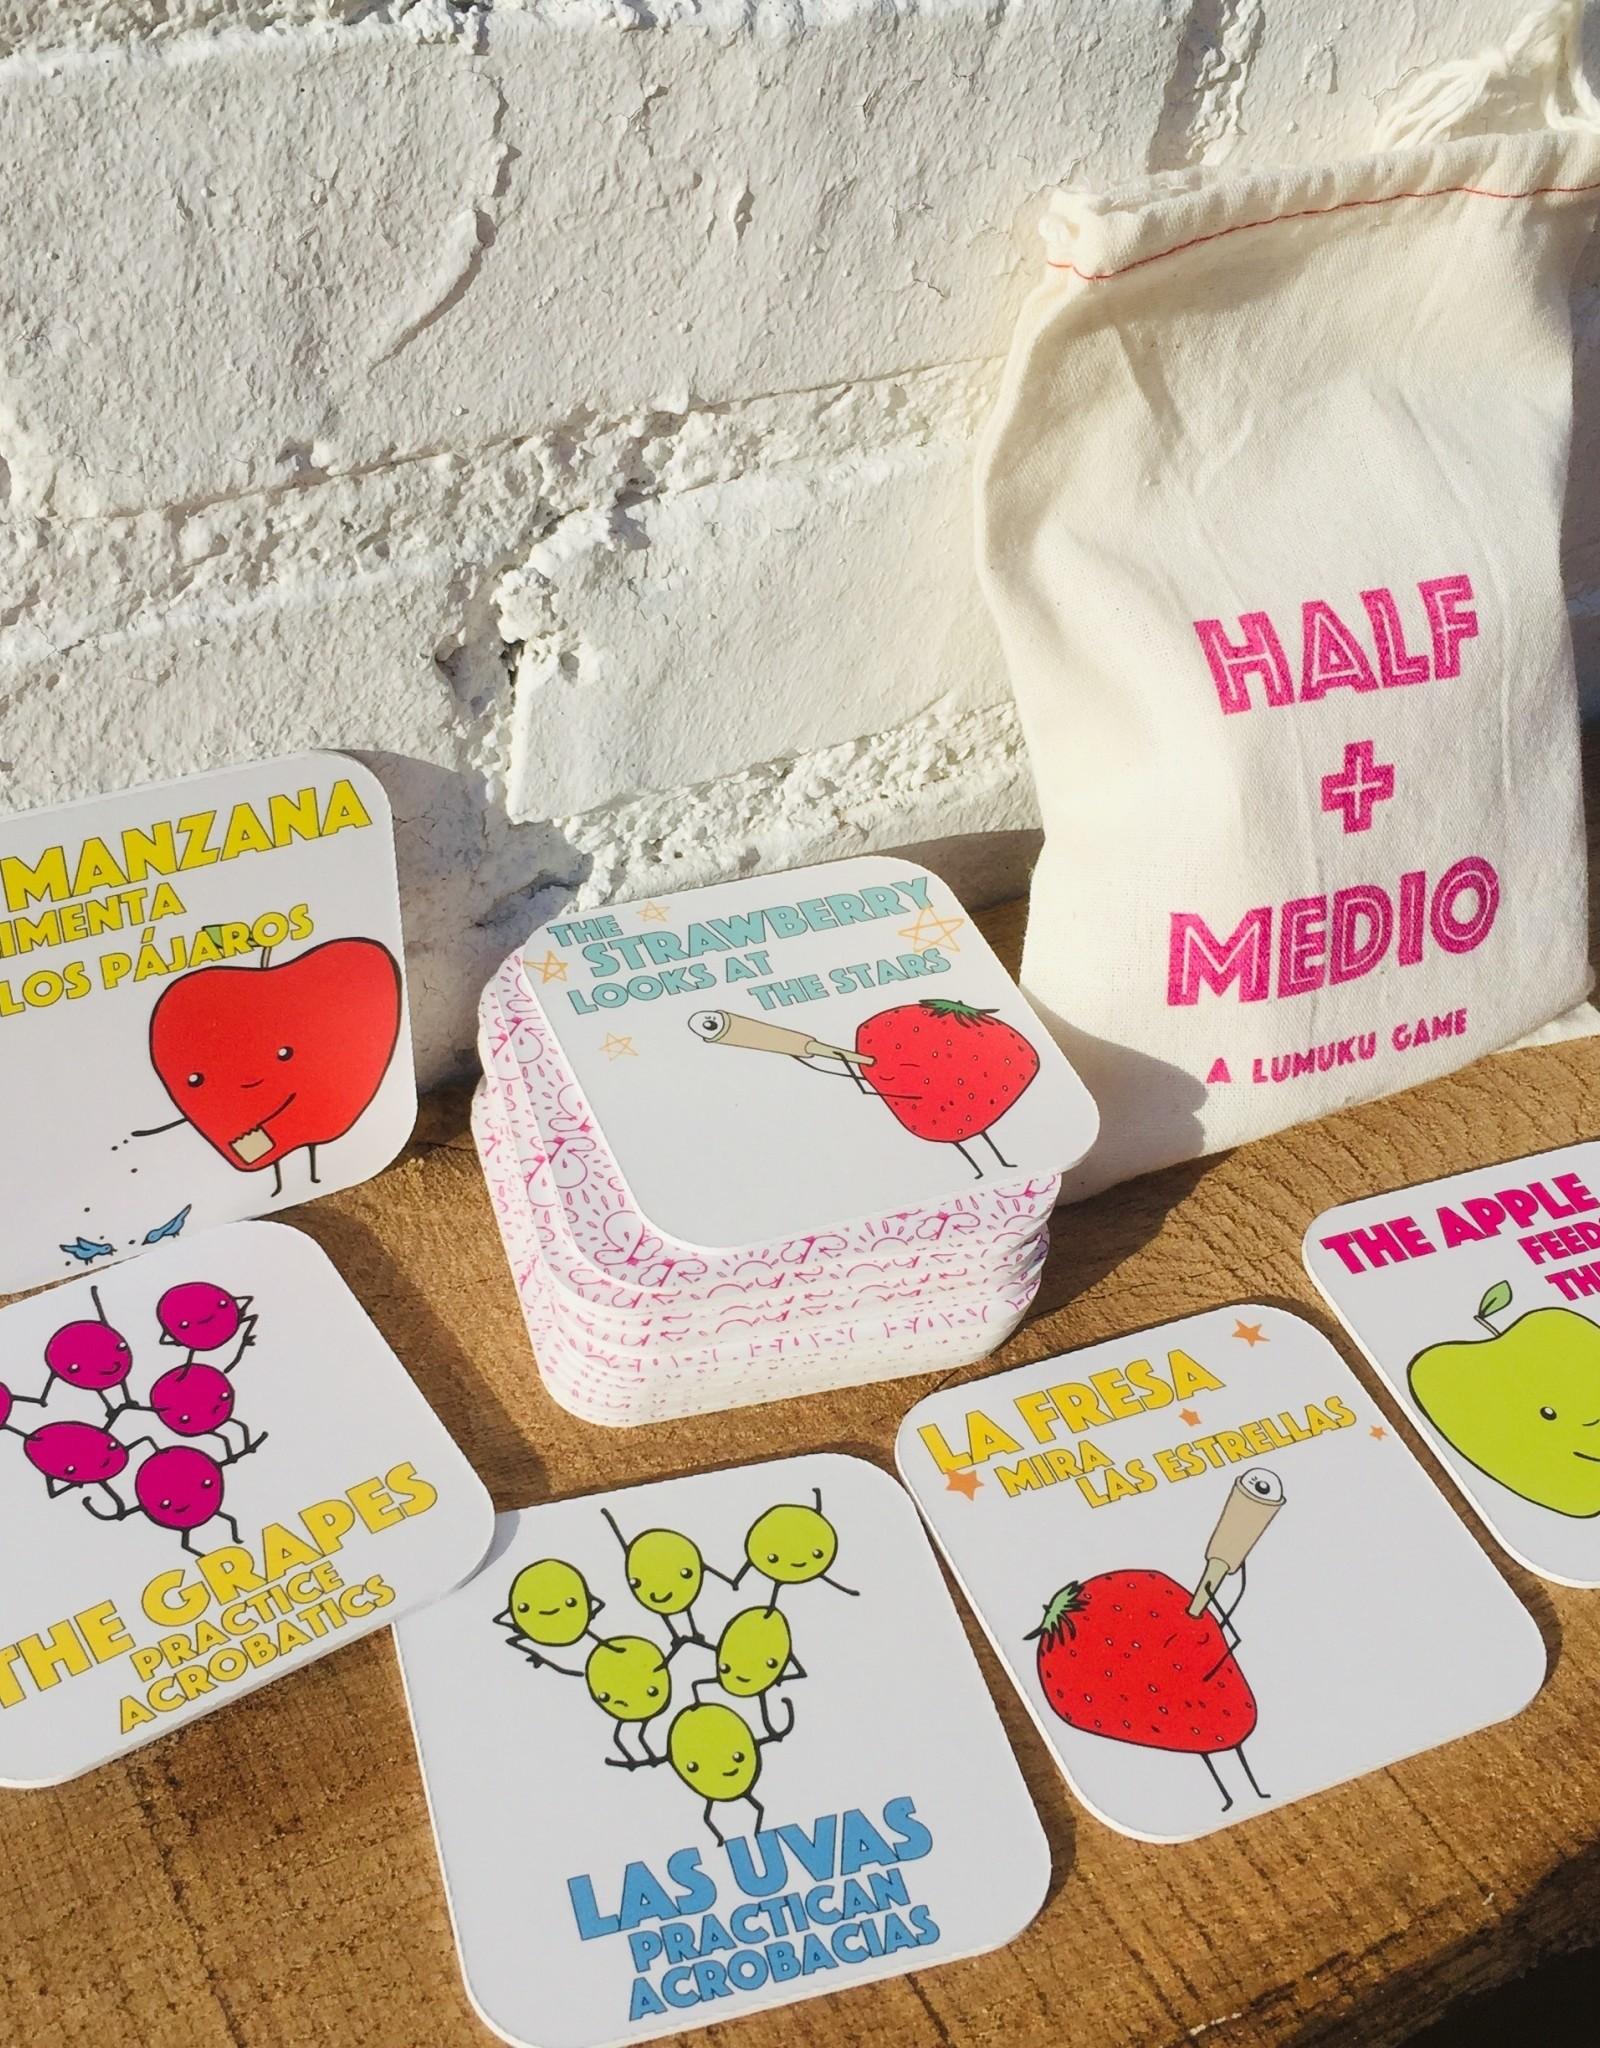 Lumuku Half + Medio Bilingual Matching Game